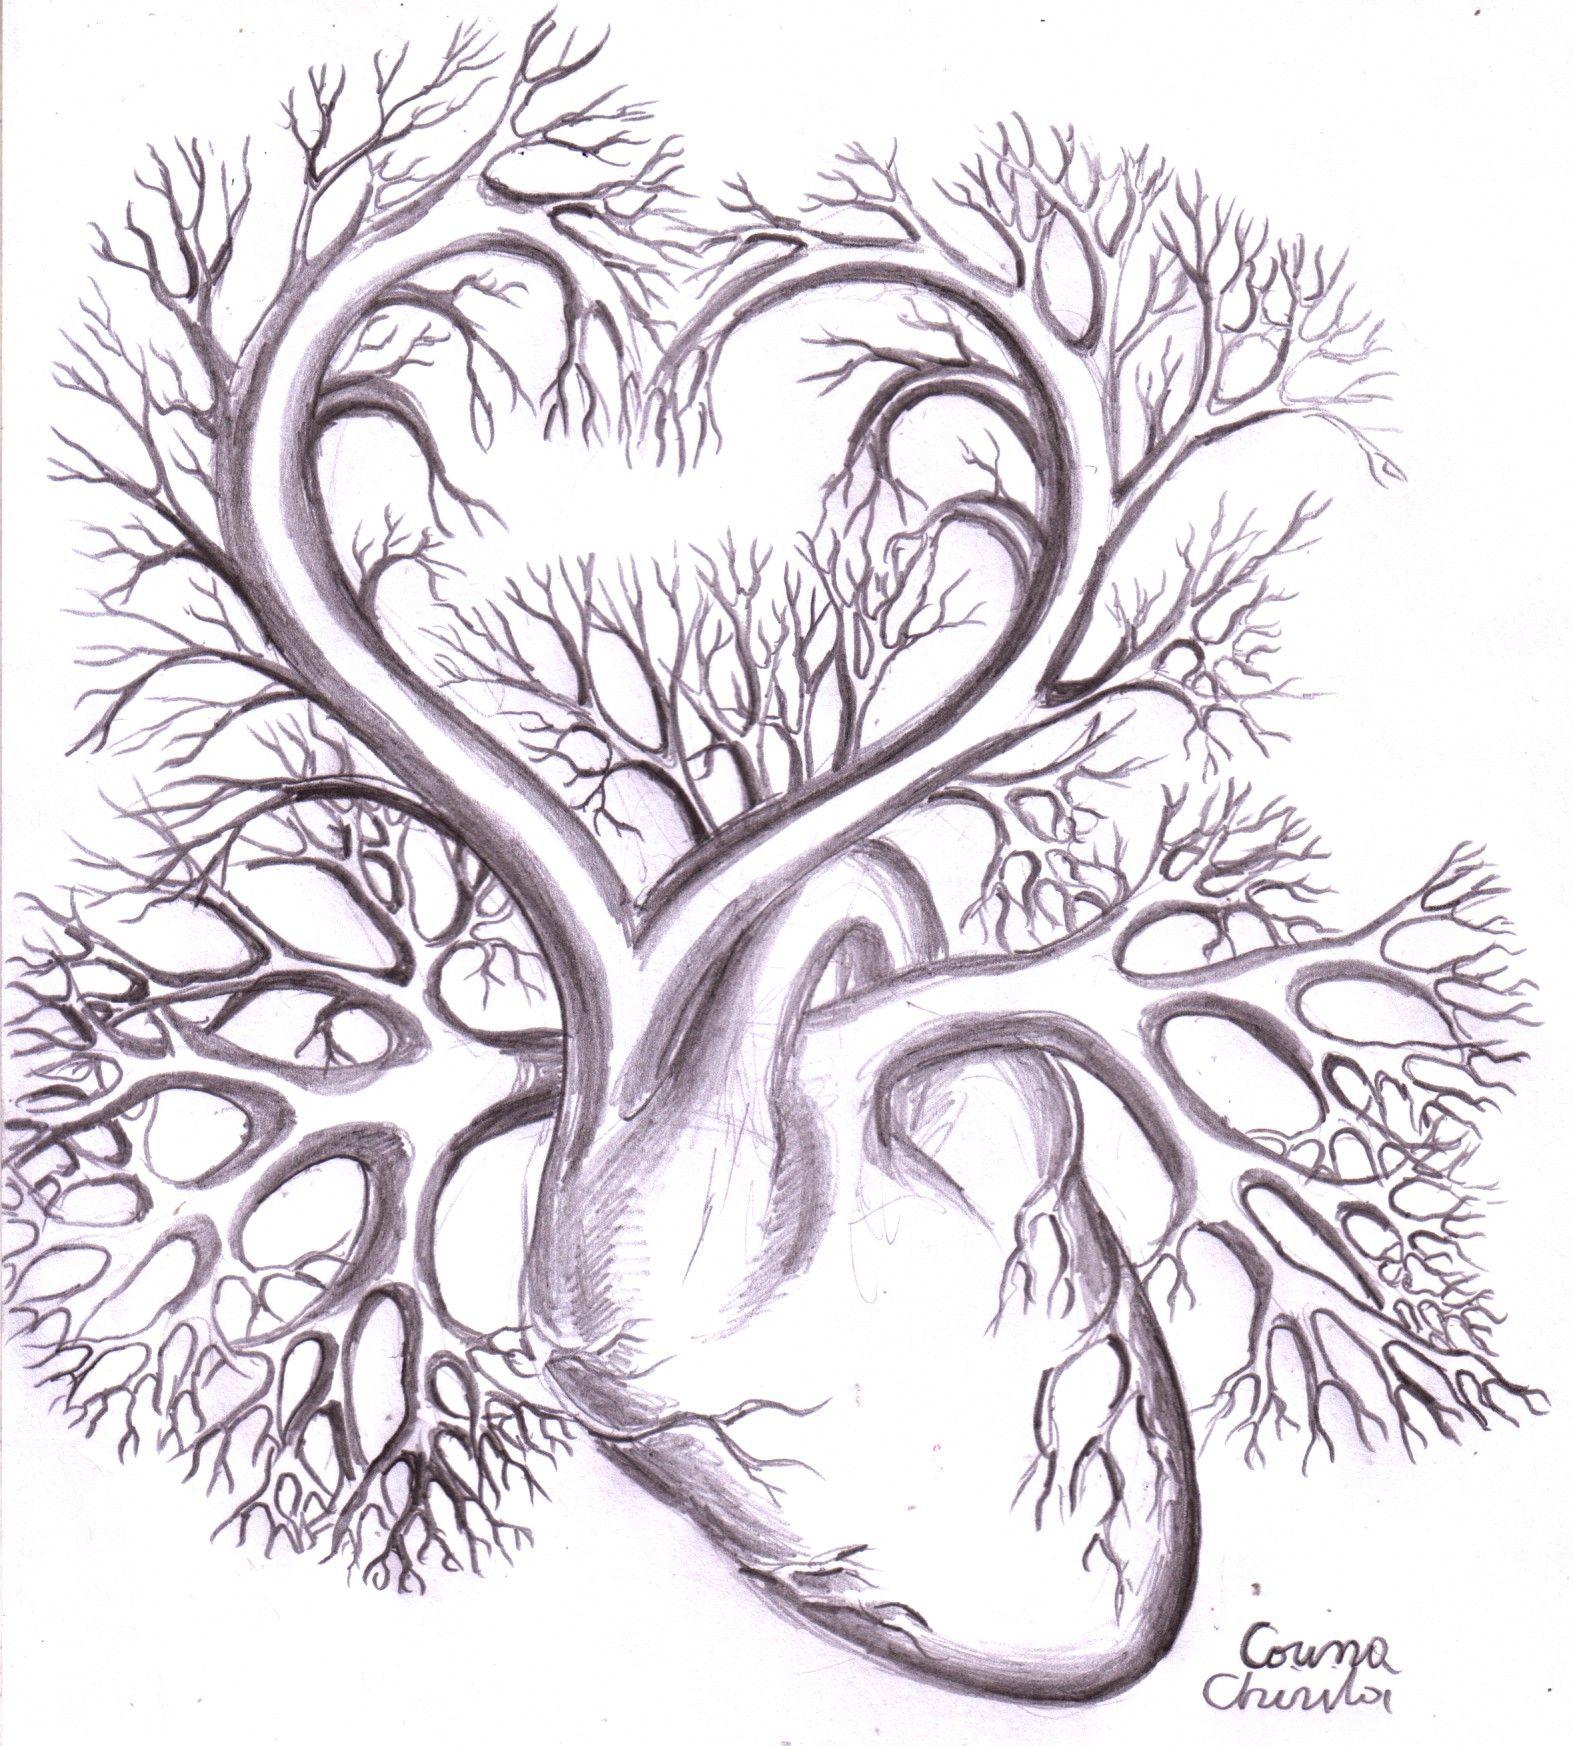 Heart Drawings - Dr. Odd | Heart drawing, Beautiful pencil ...